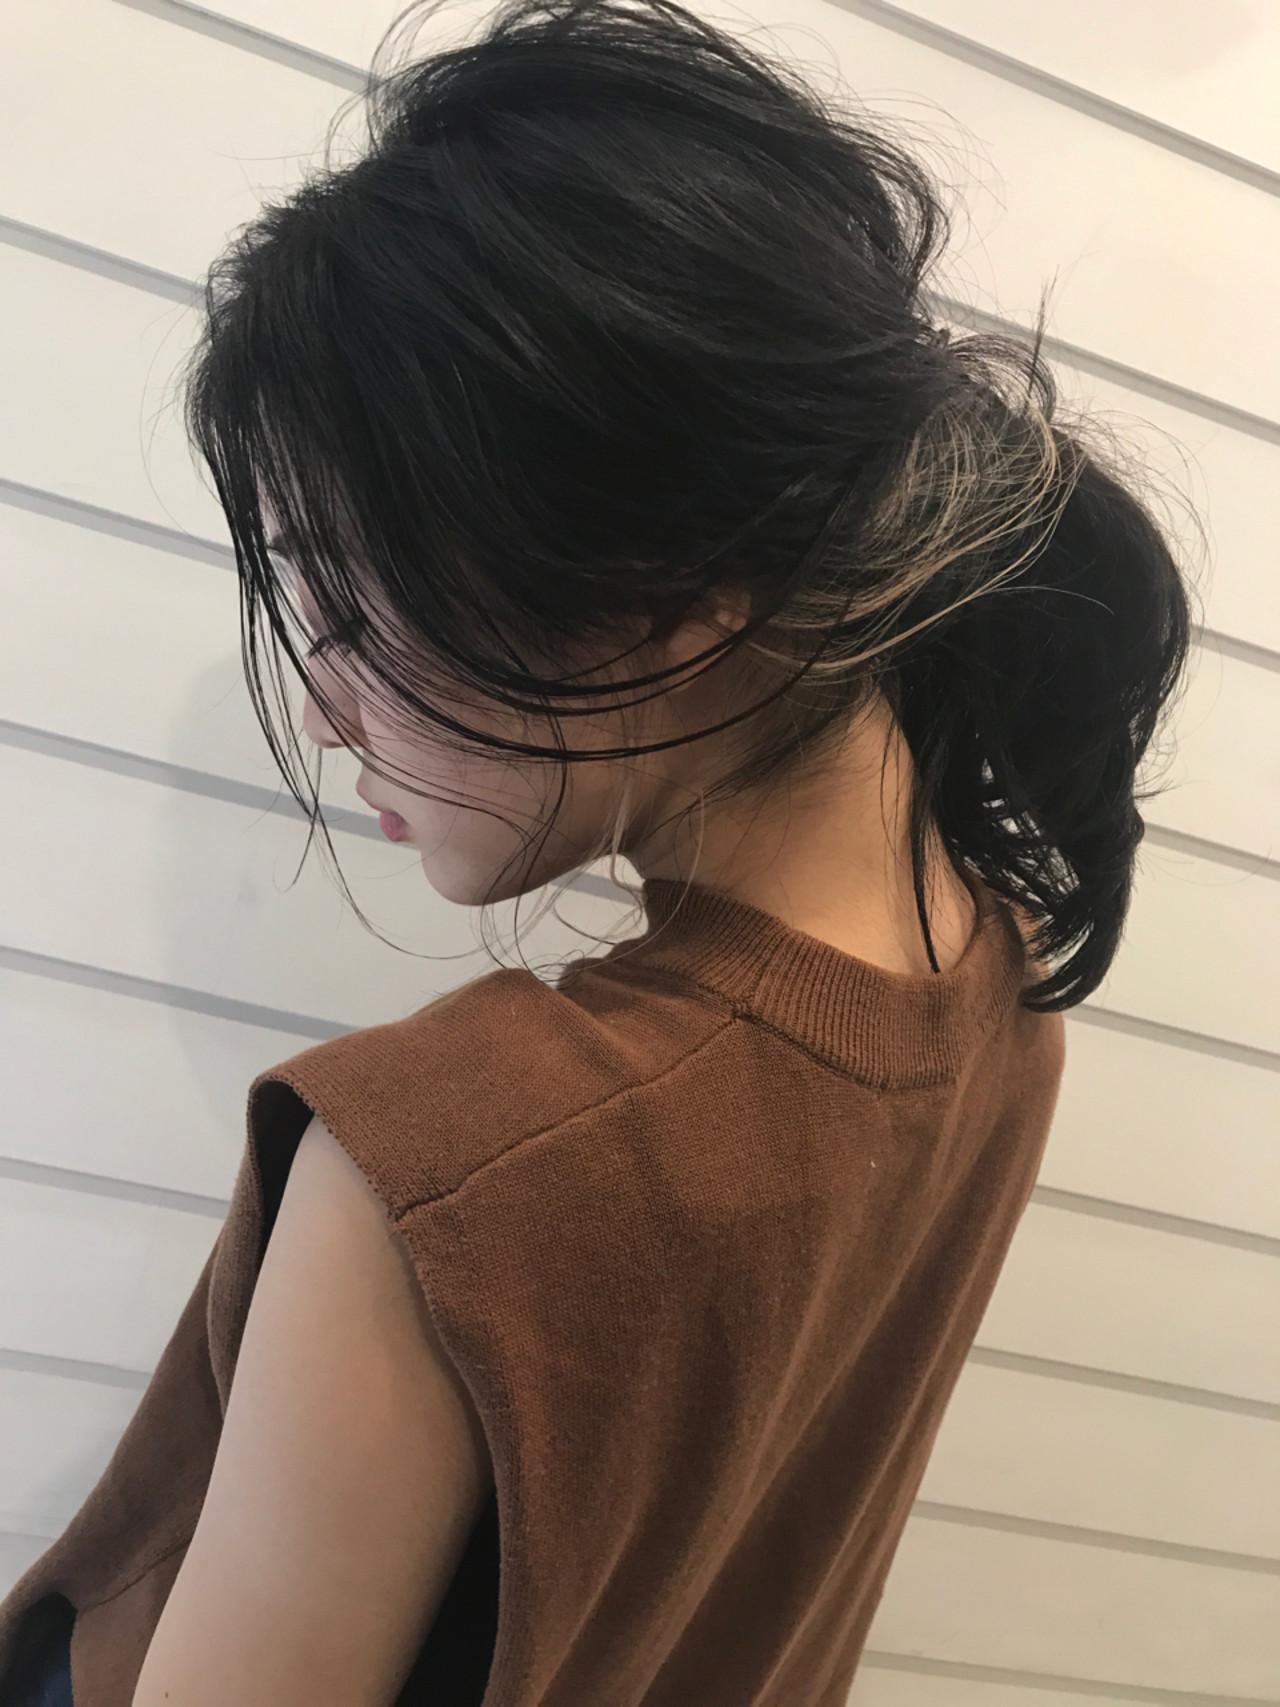 ヘアアレンジ 黒髪 セミロング 簡単ヘアアレンジ ヘアスタイルや髪型の写真・画像 | Nakamura Gota / noah  parfait 銀座